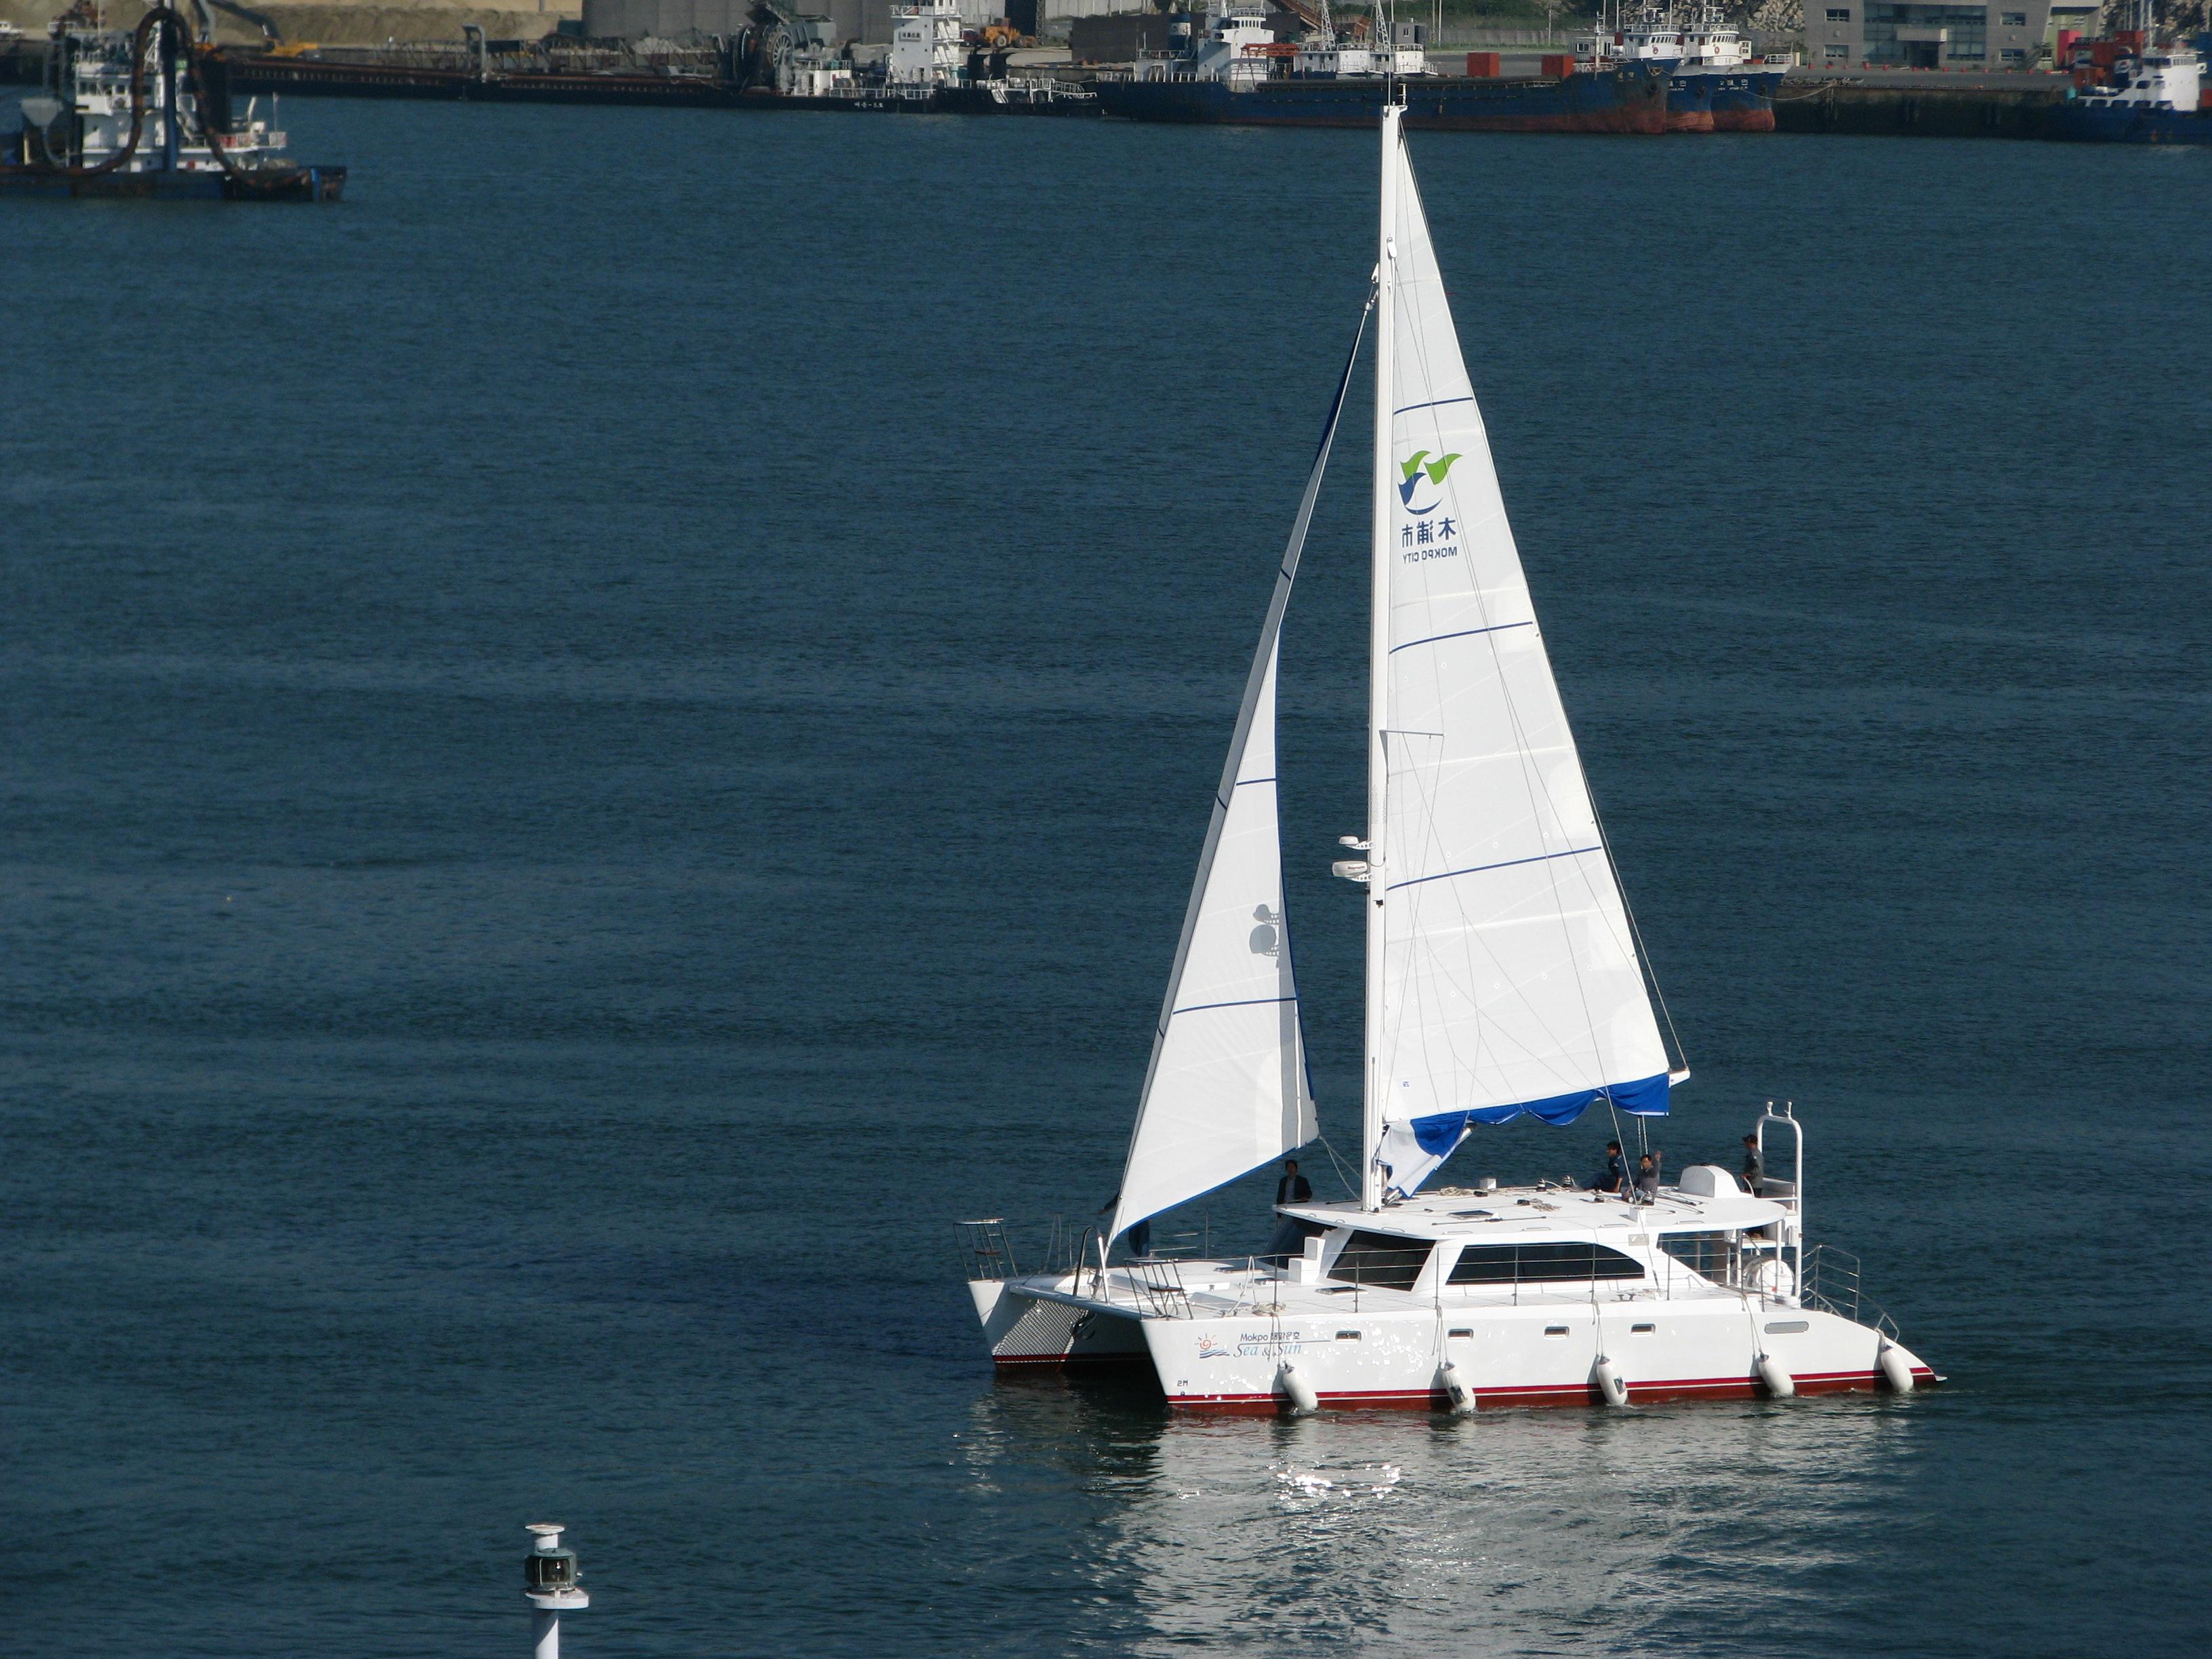 Sail Catamaran 52 yachts in Mokpo